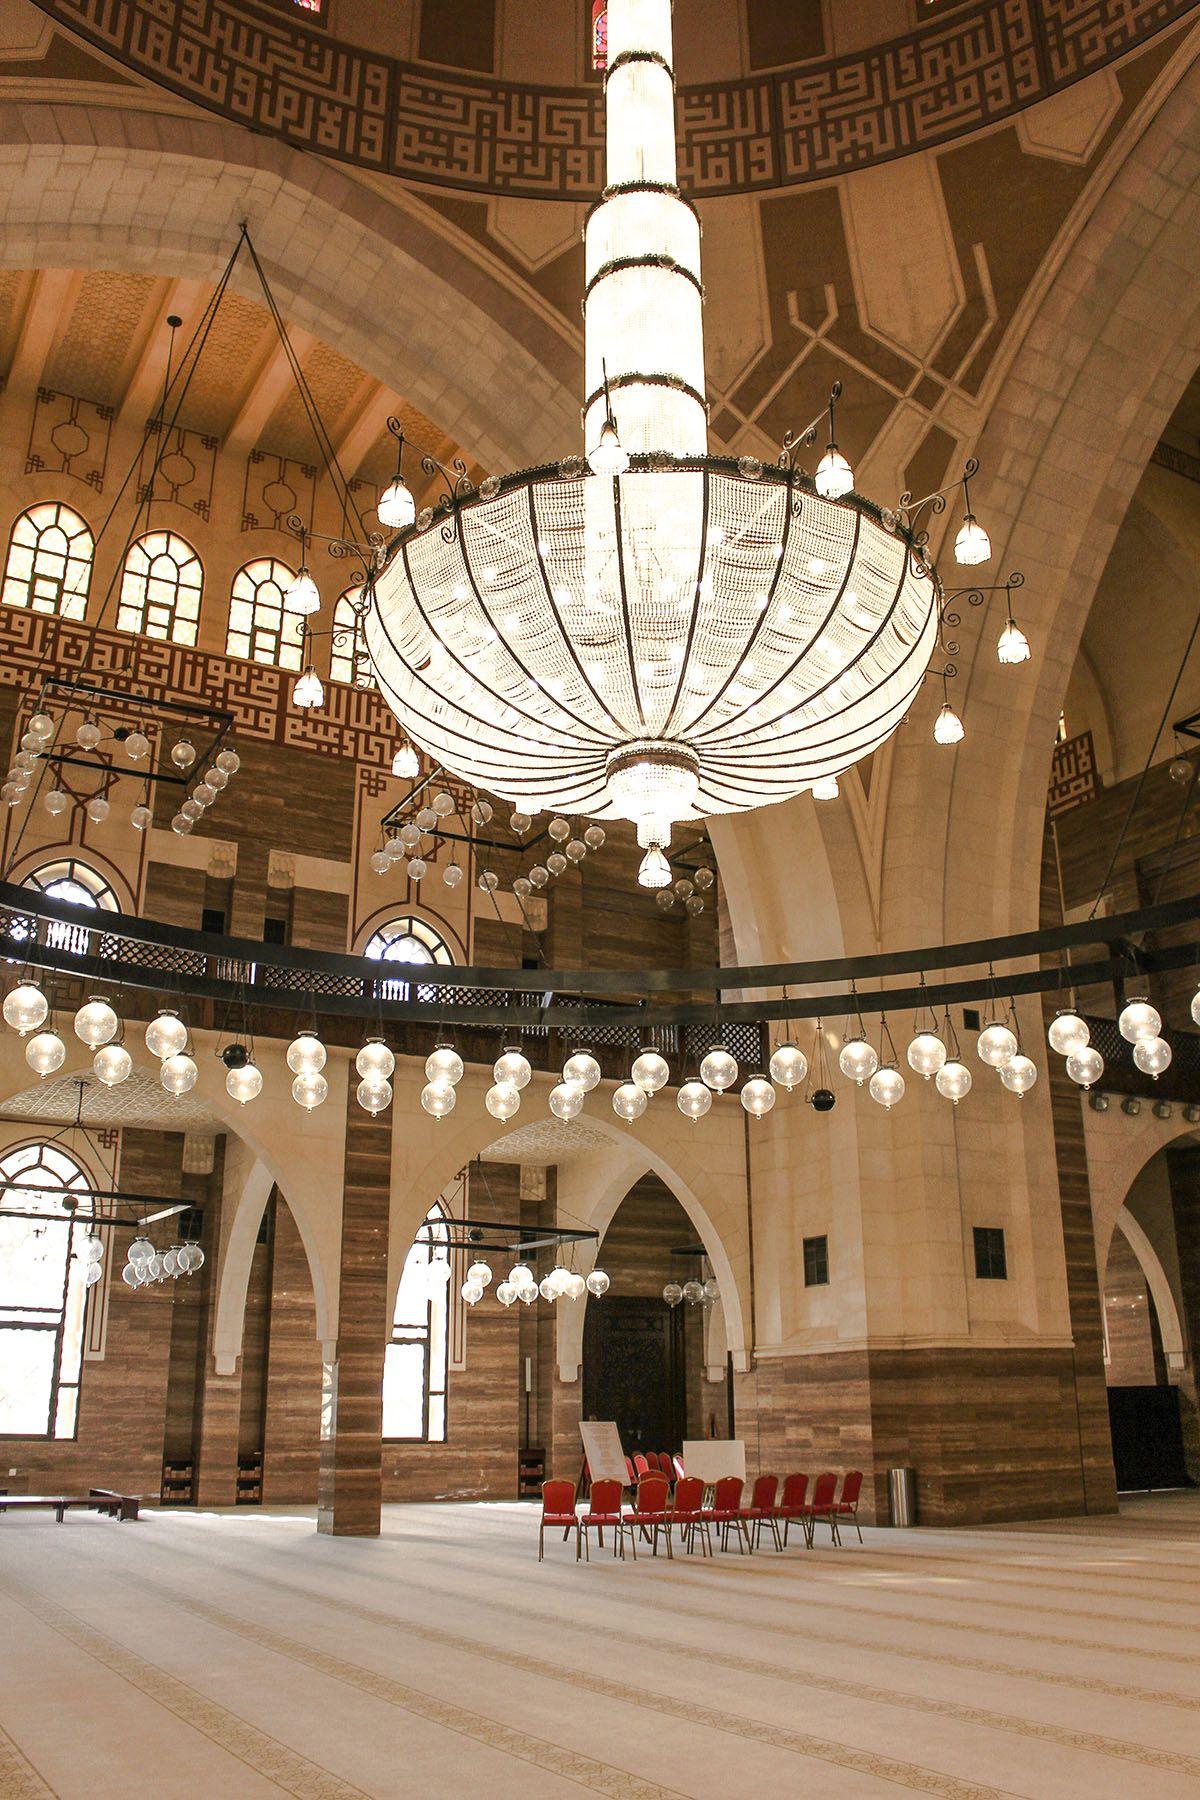 Manama Bahrain Reisebericht Der Ultimative Guide Durch Die Stadt Der Perlen Ninifeh Reiseblog In 2020 Manama Reisebericht Bahrain